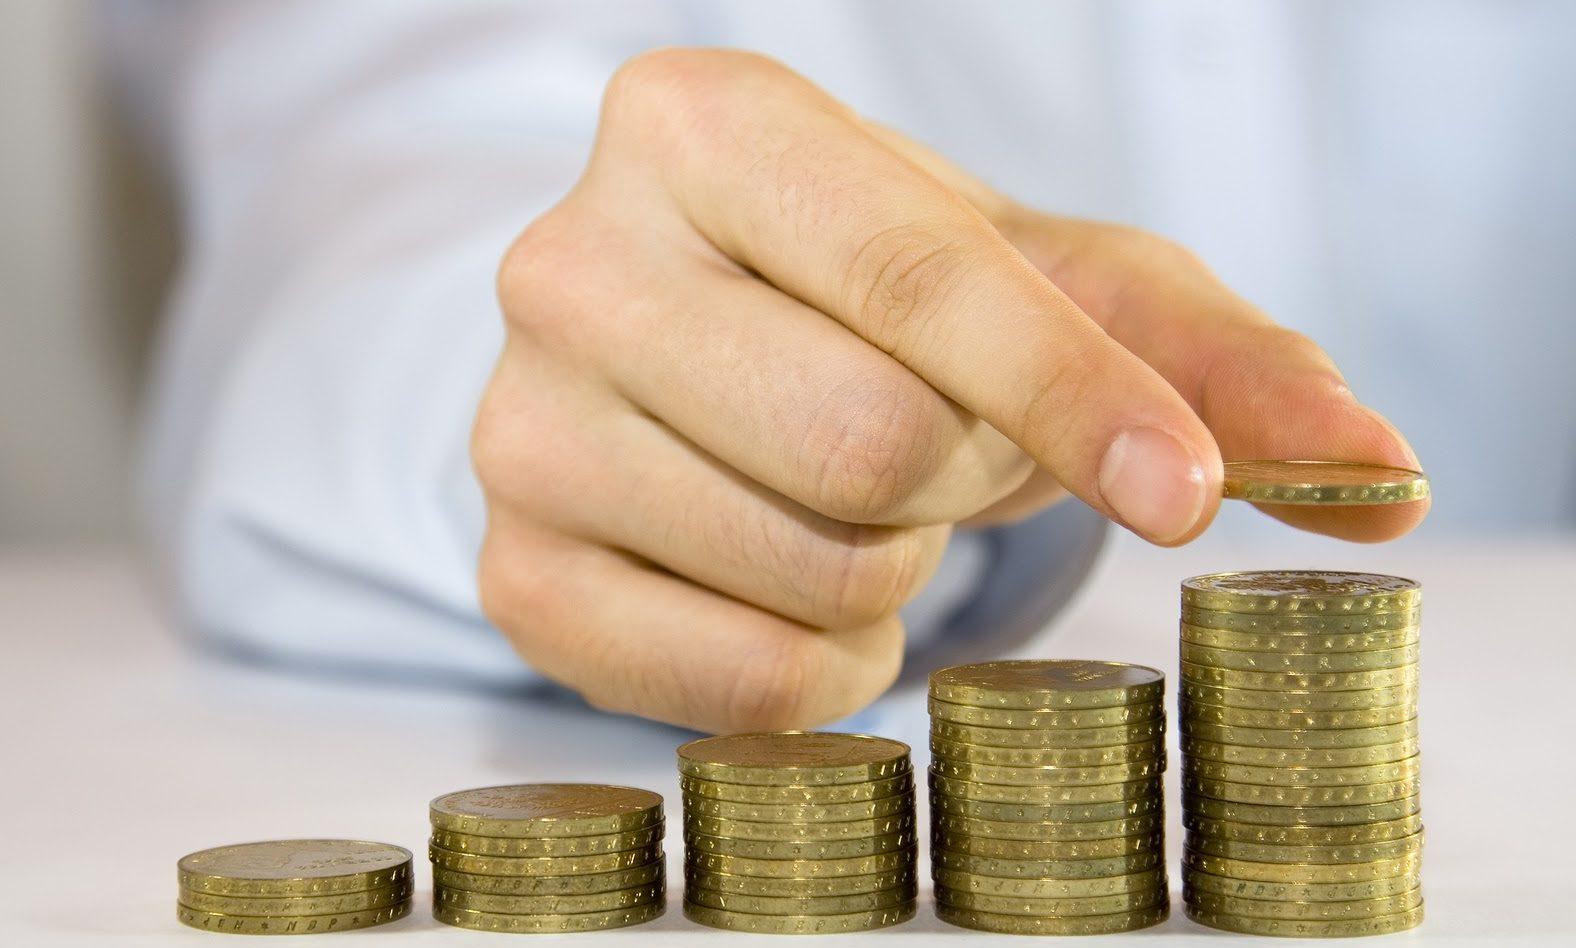 hogyan lehet most nagy pénzt keresni